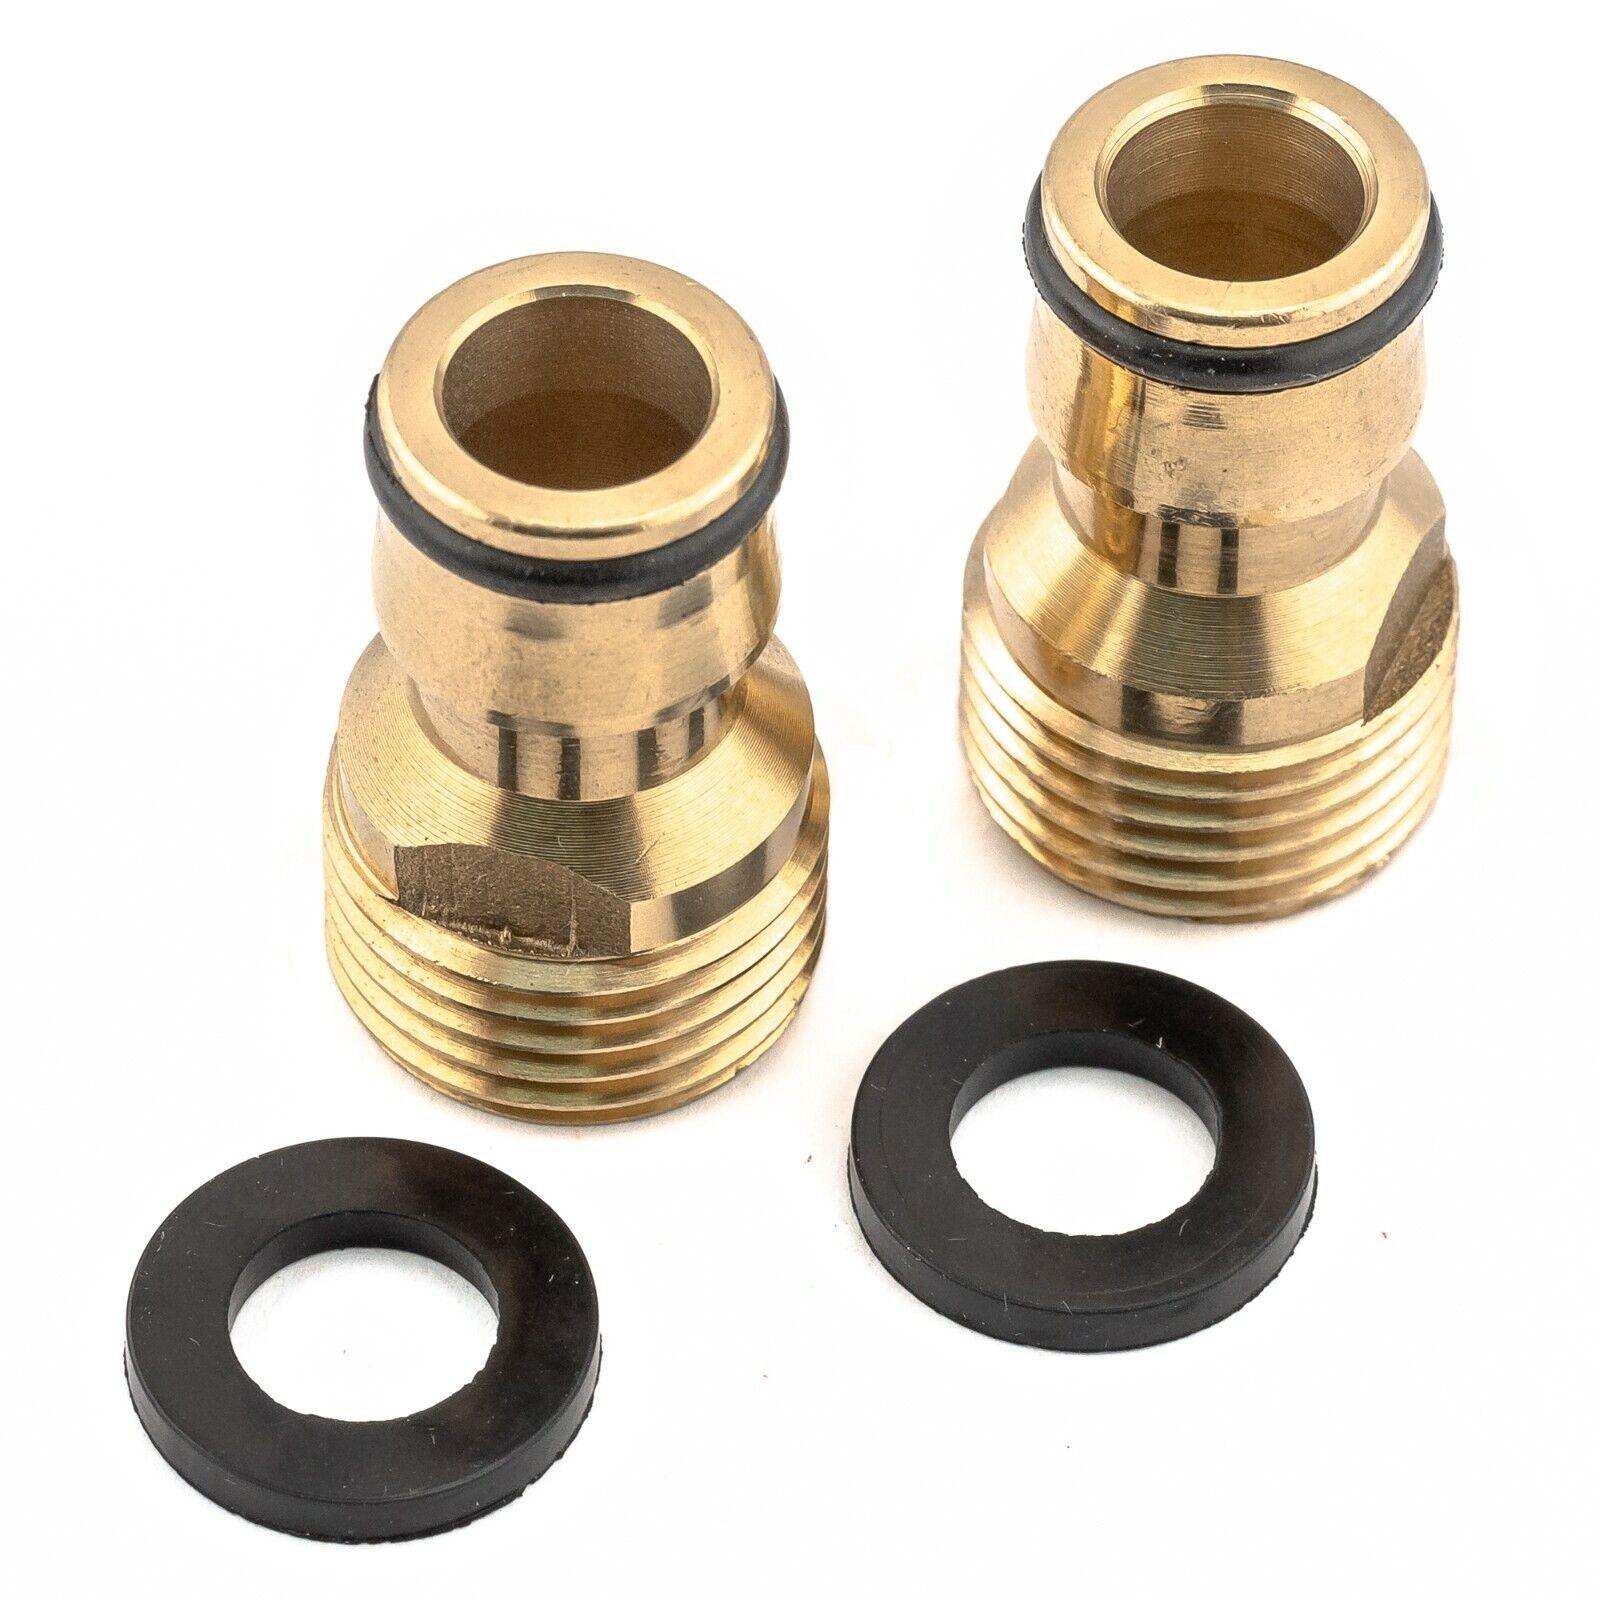 2pc Australian Brass Adaptor Male 15mm 1/2